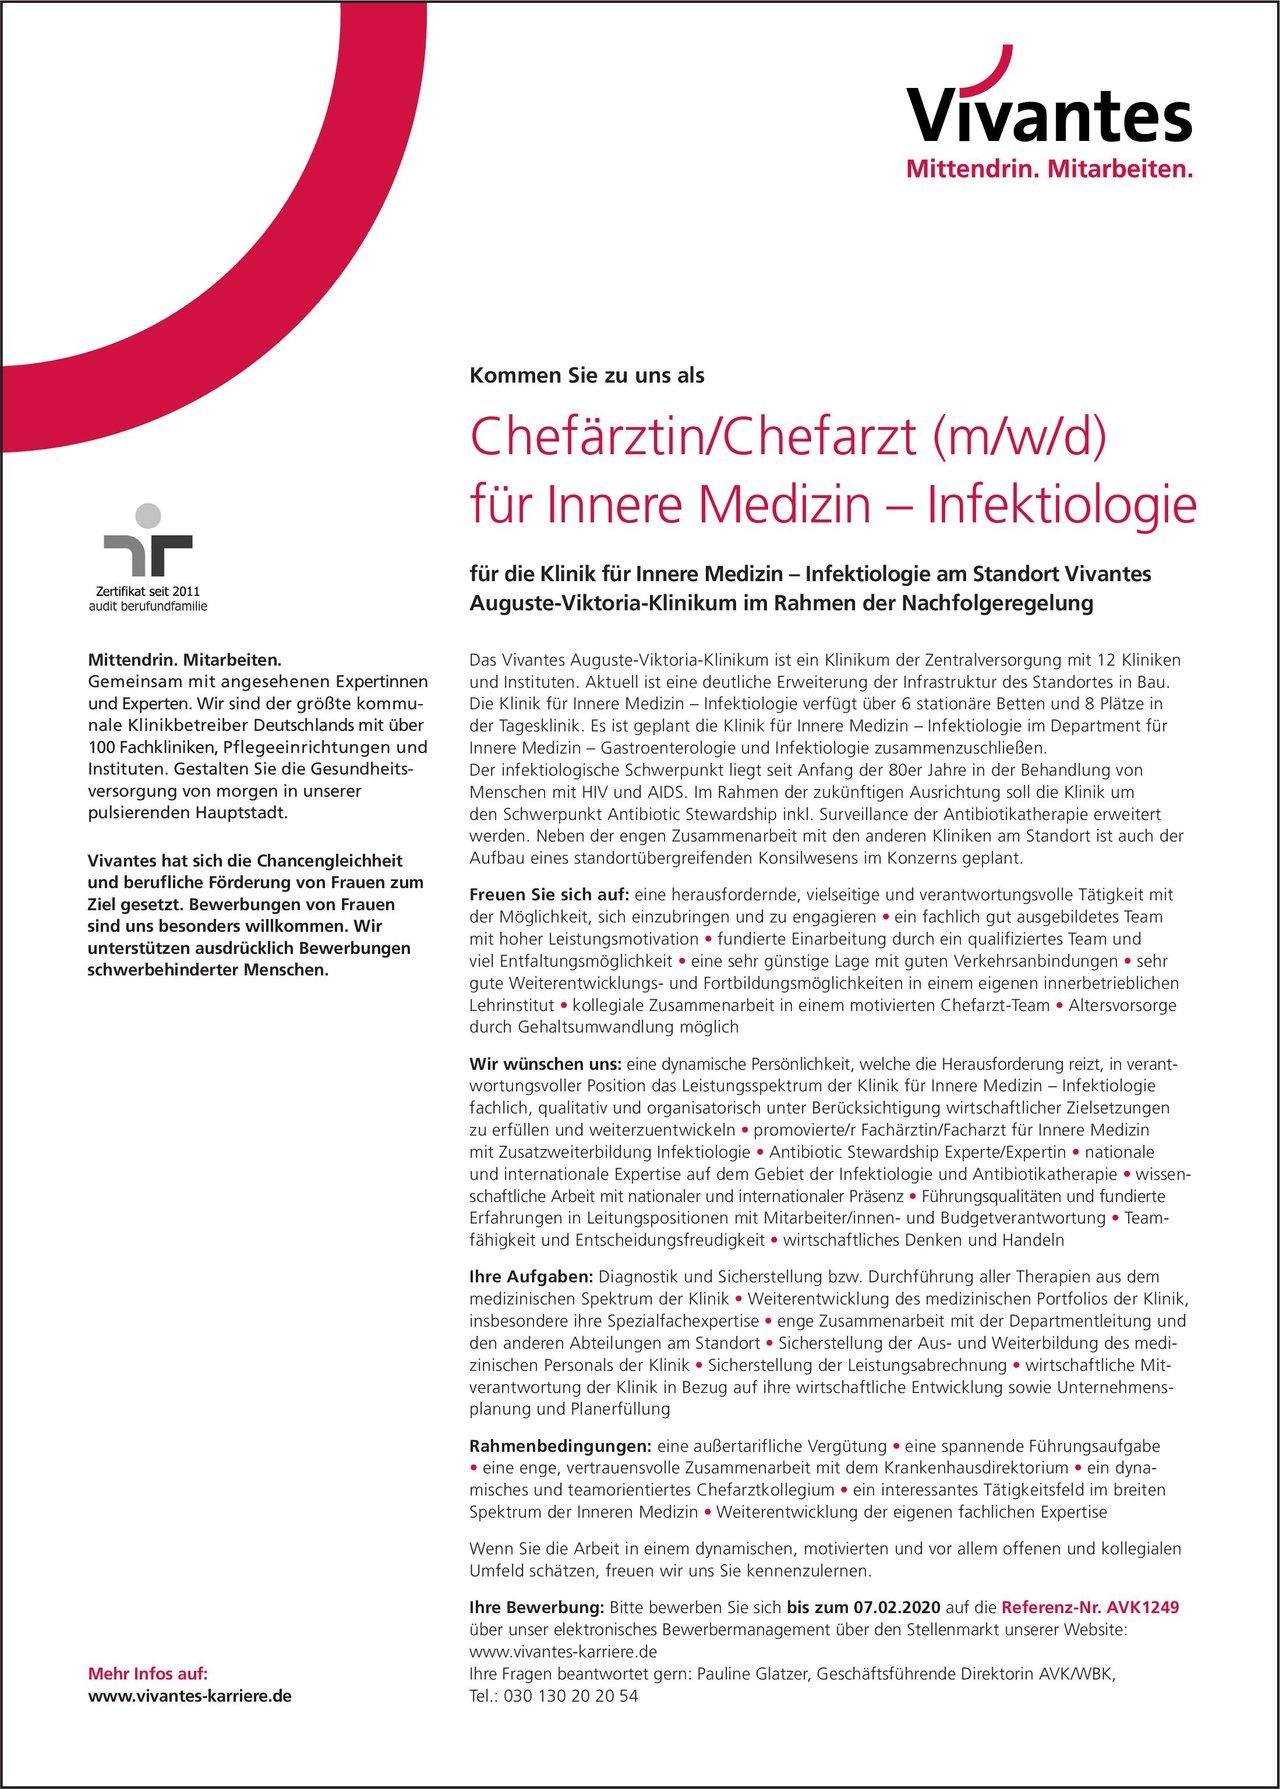 Vivantes Auguste-Viktoria-Klinikum Chefärztin/Chefarzt (m/w/d) für Innere Medizin – Infektiologie  Innere Medizin, Infektions- und Tropenmedizin, Innere Medizin Chefarzt